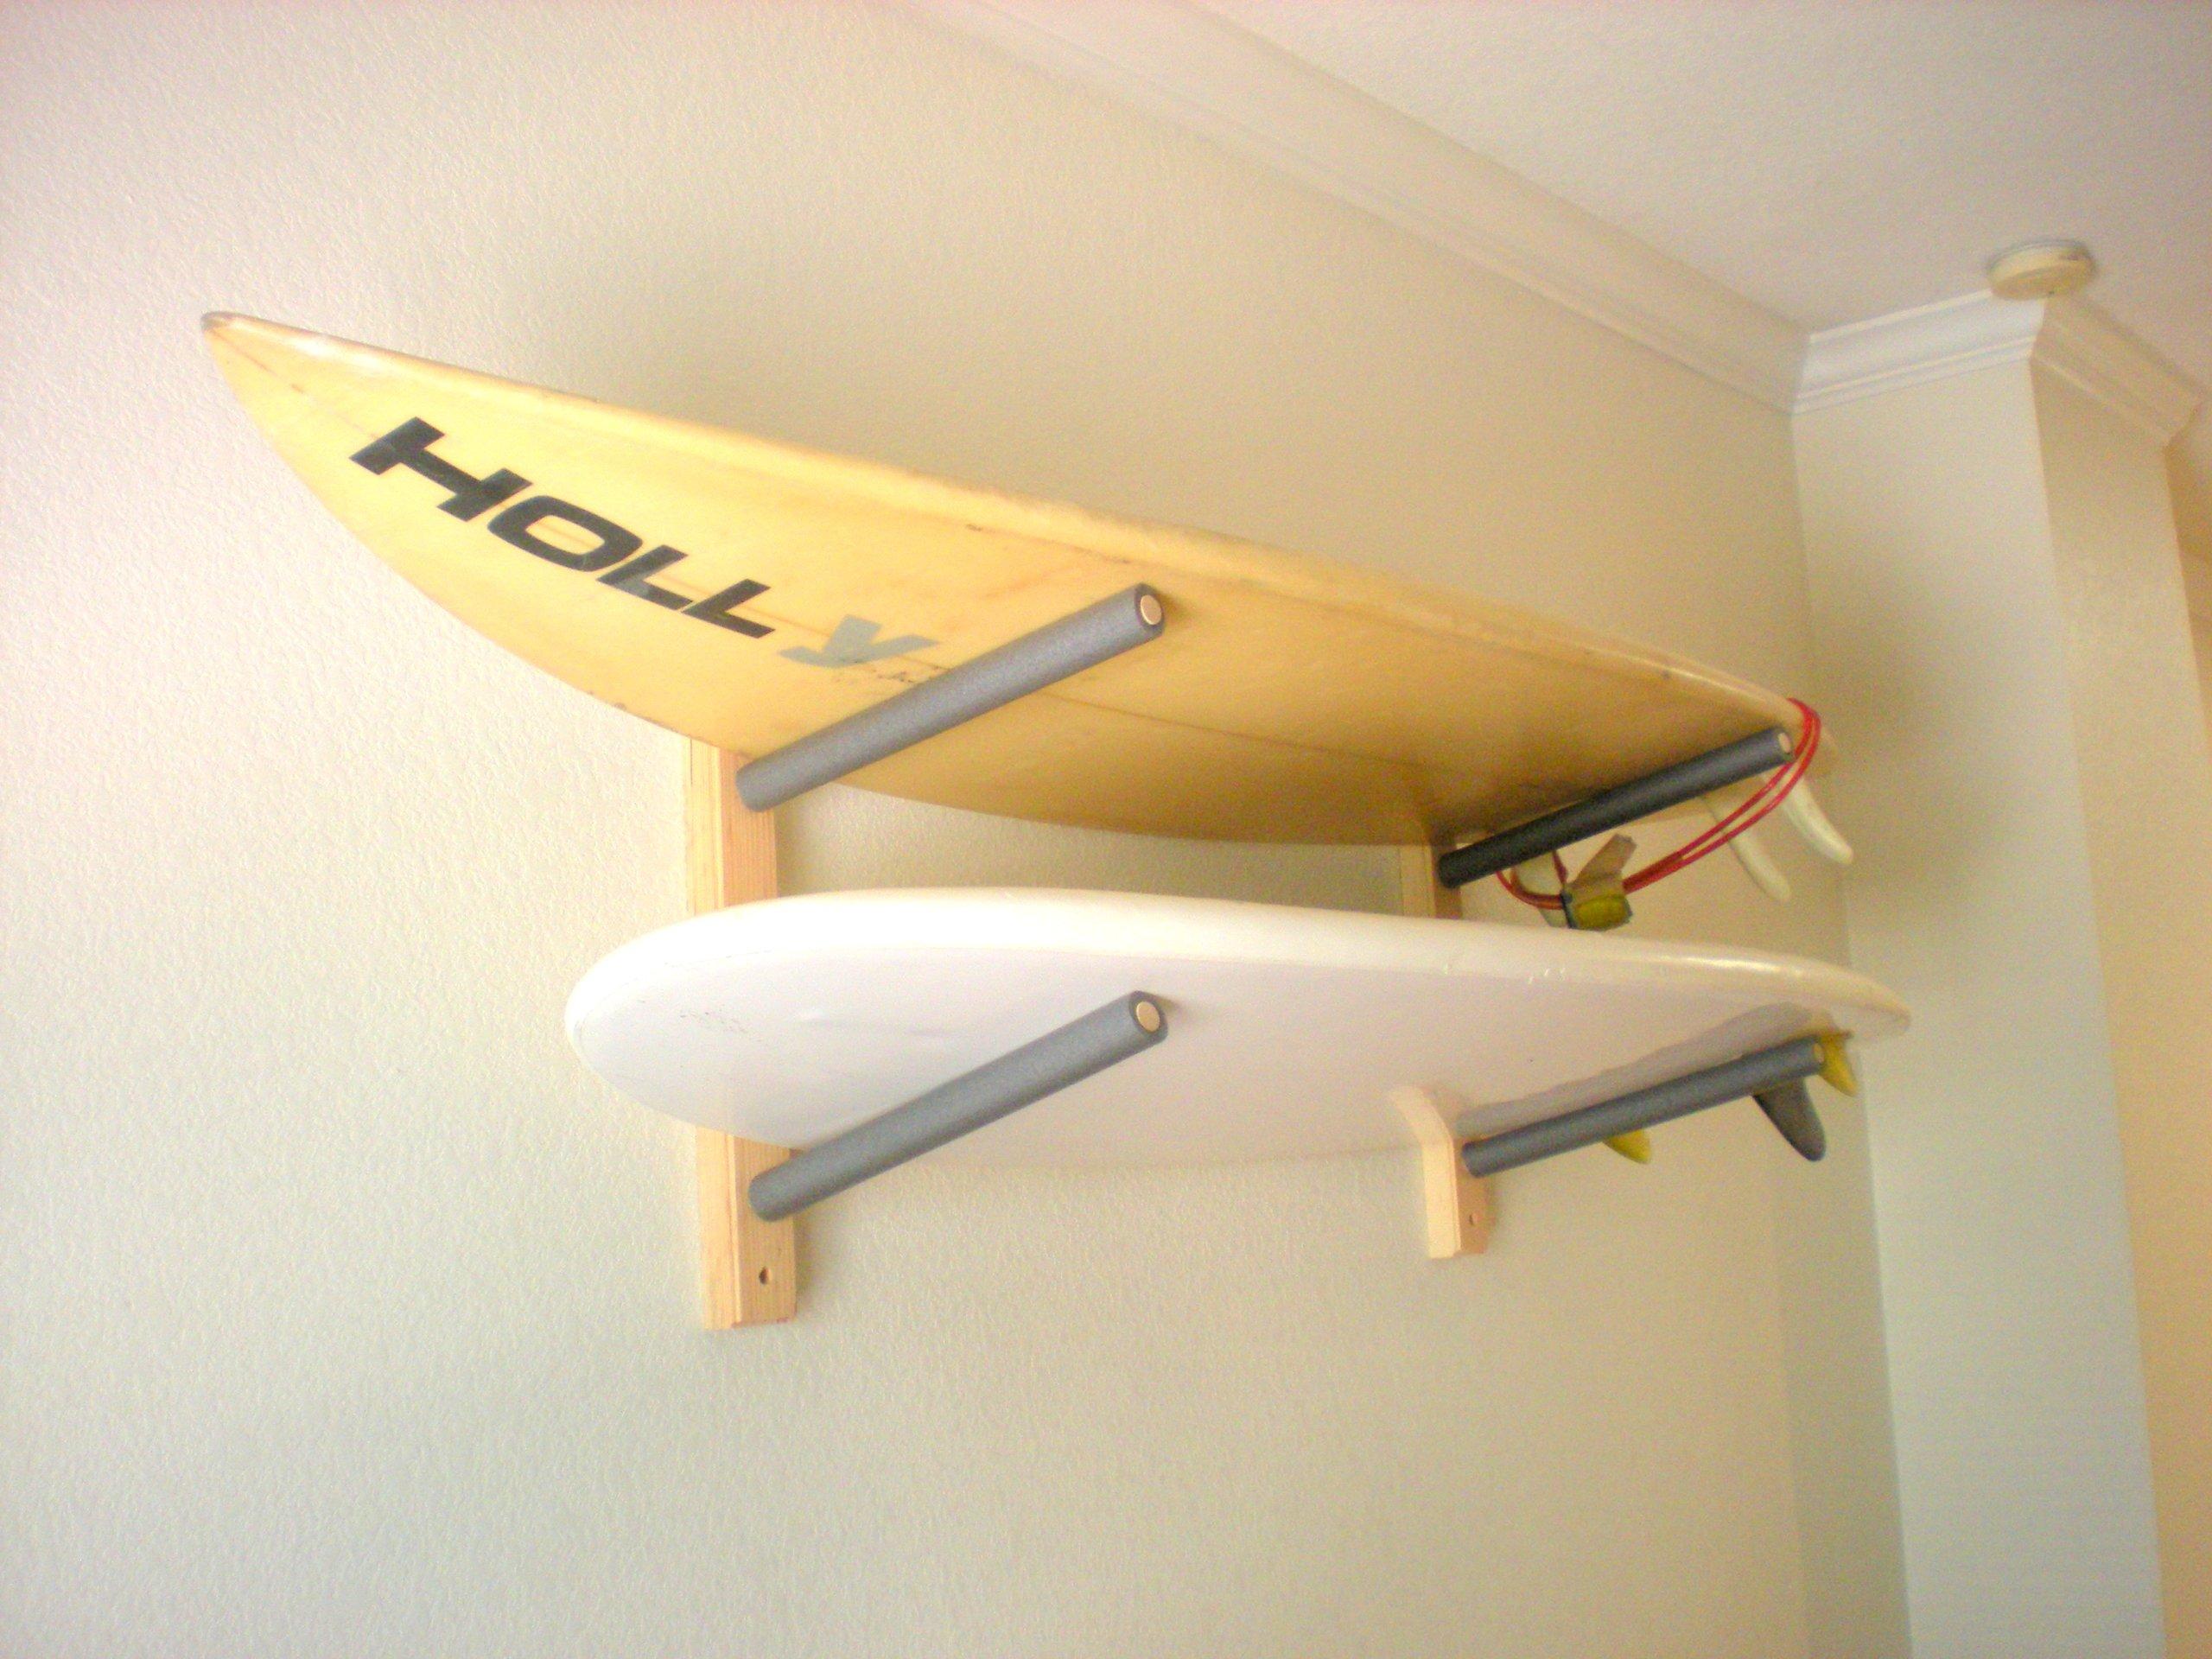 Surfboard Wall Rack Mount - Holds 2 by Pro Board Racks